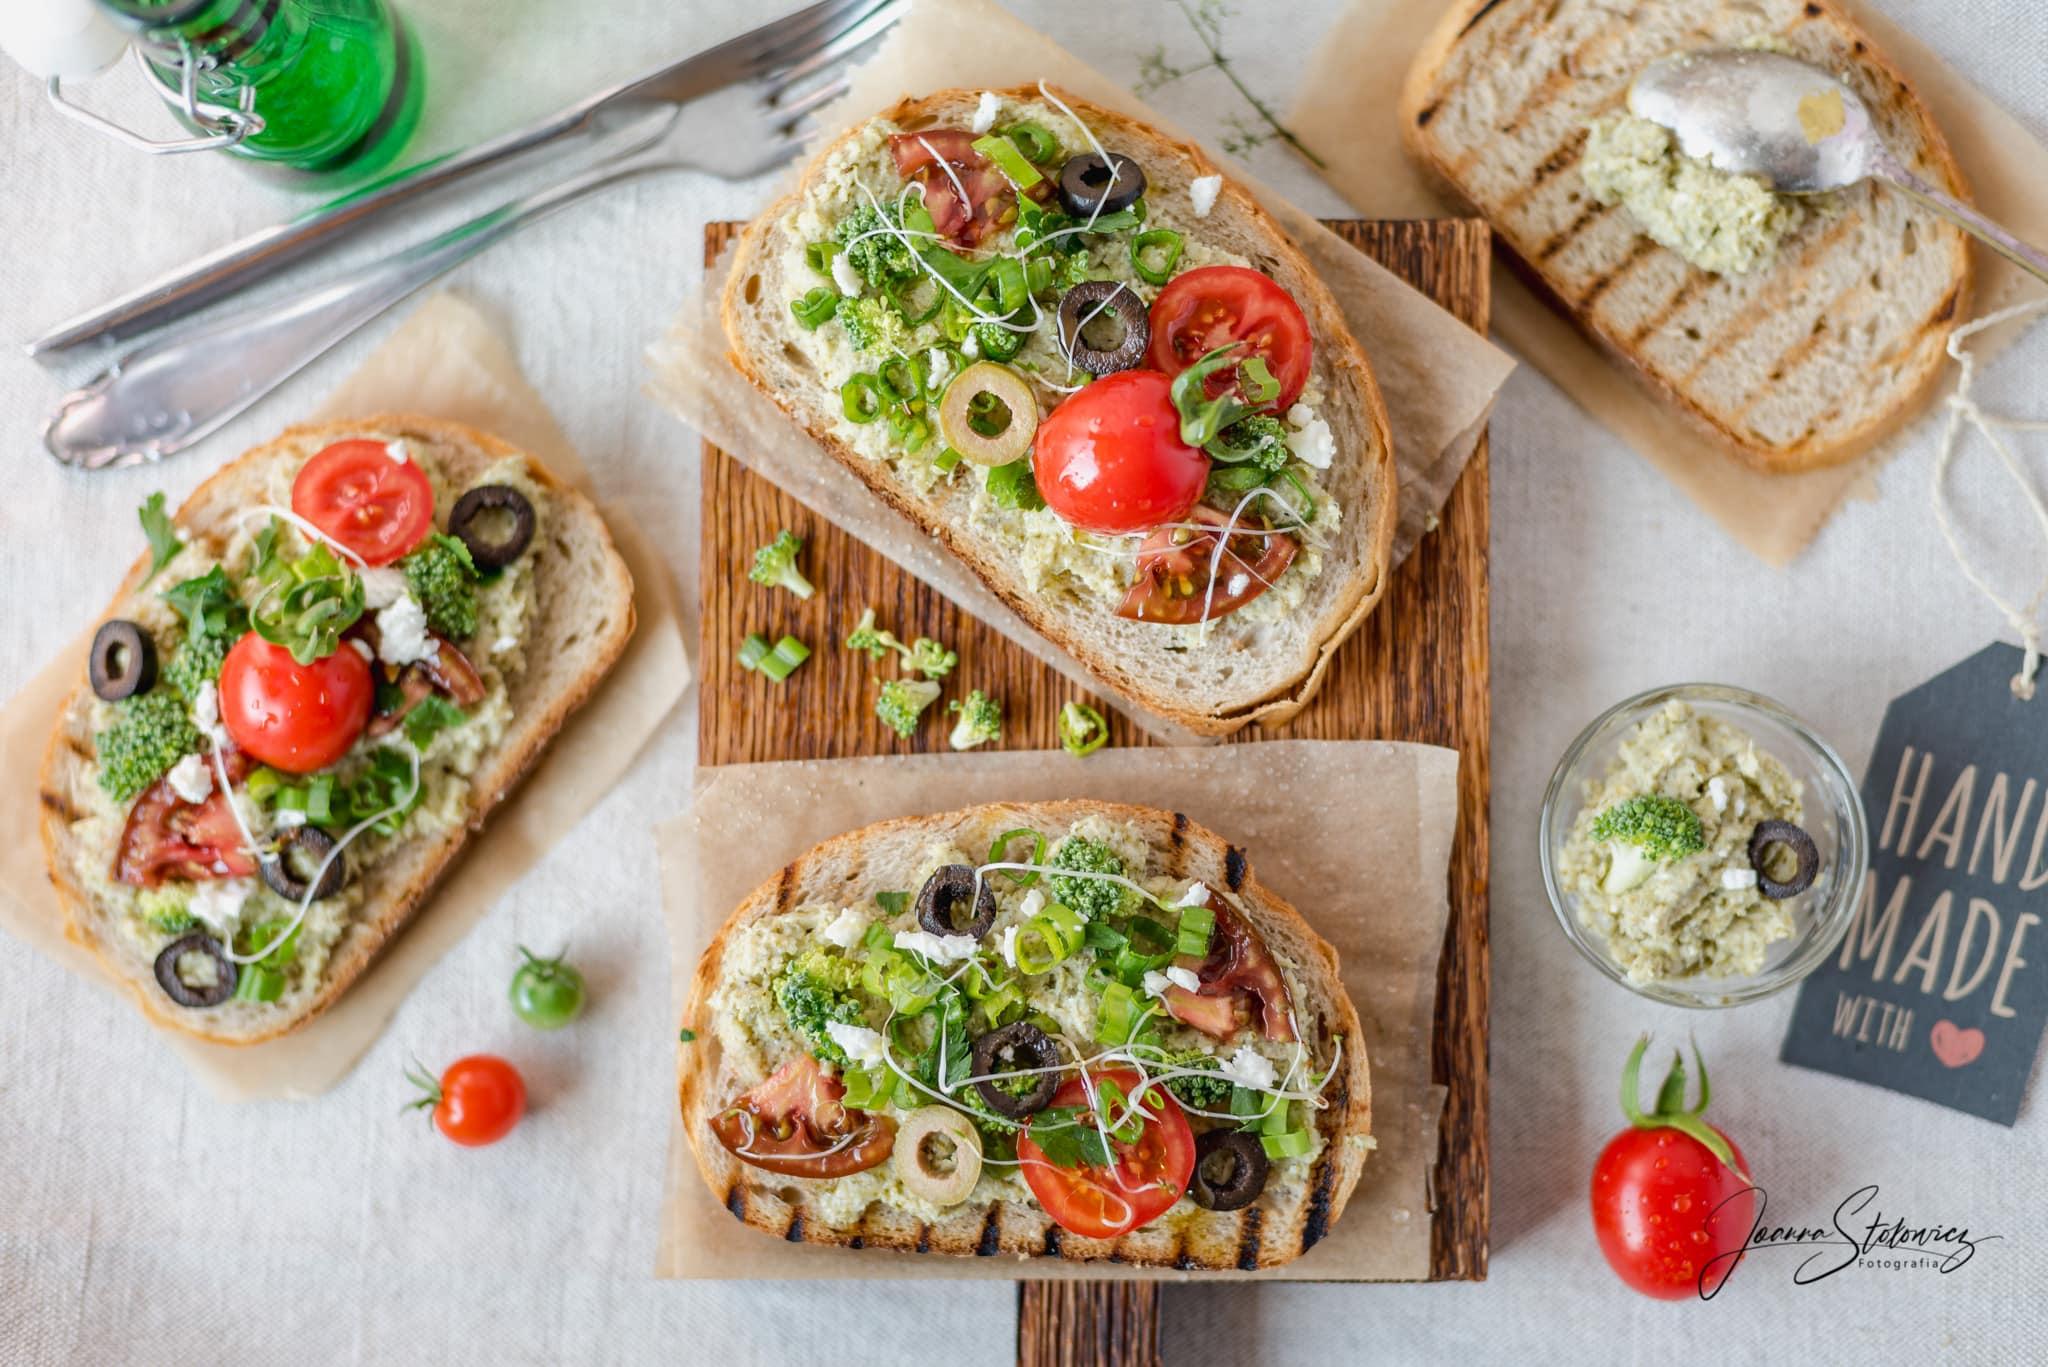 Fotograf kulinarny Szczecin